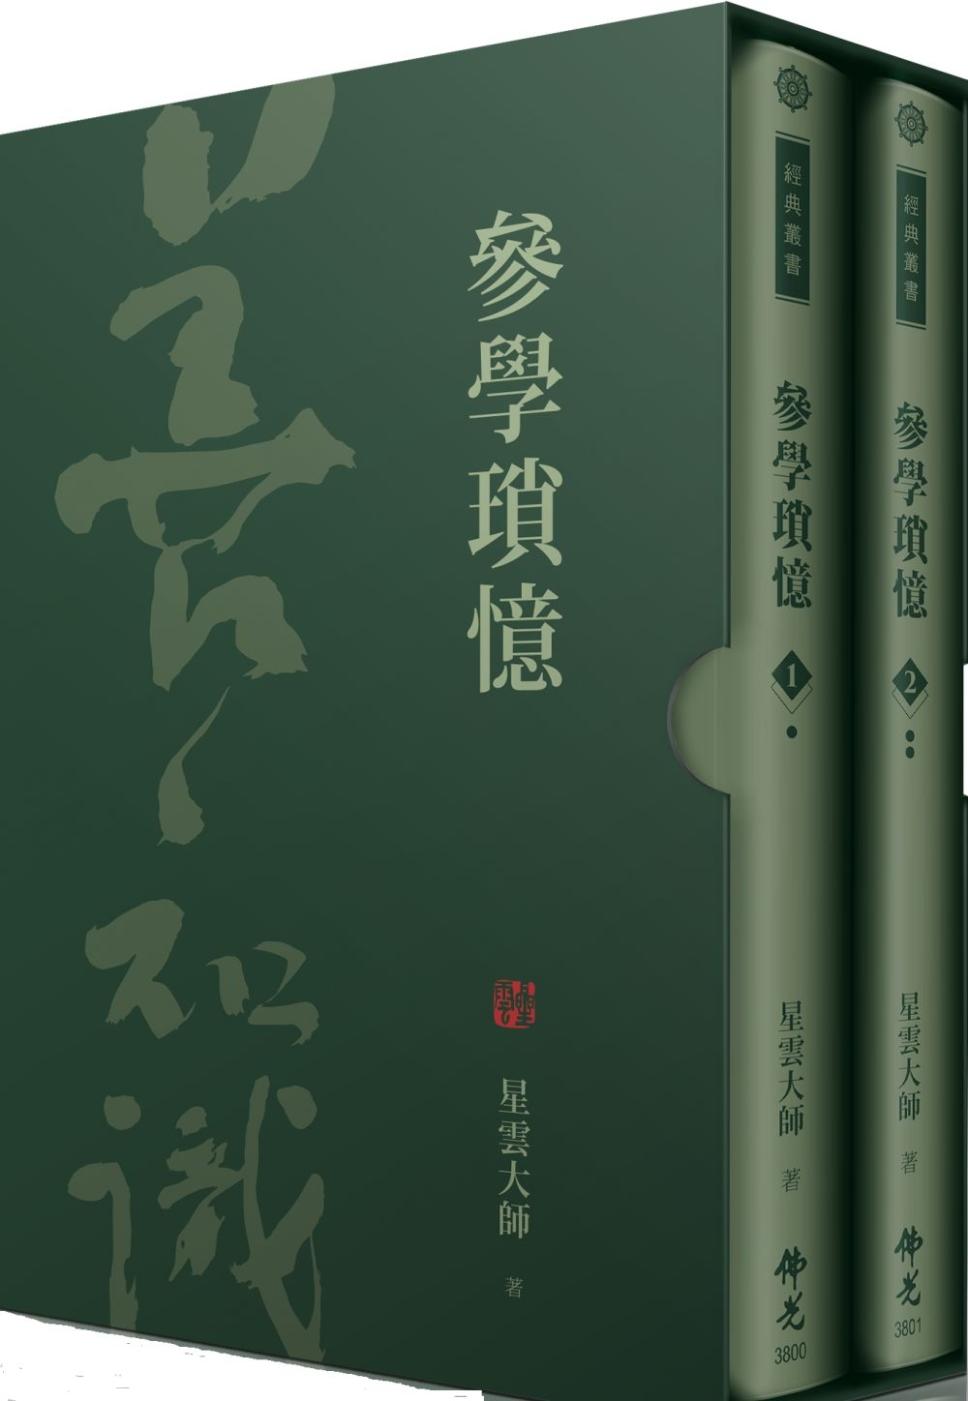 參學瑣憶(全套2冊)